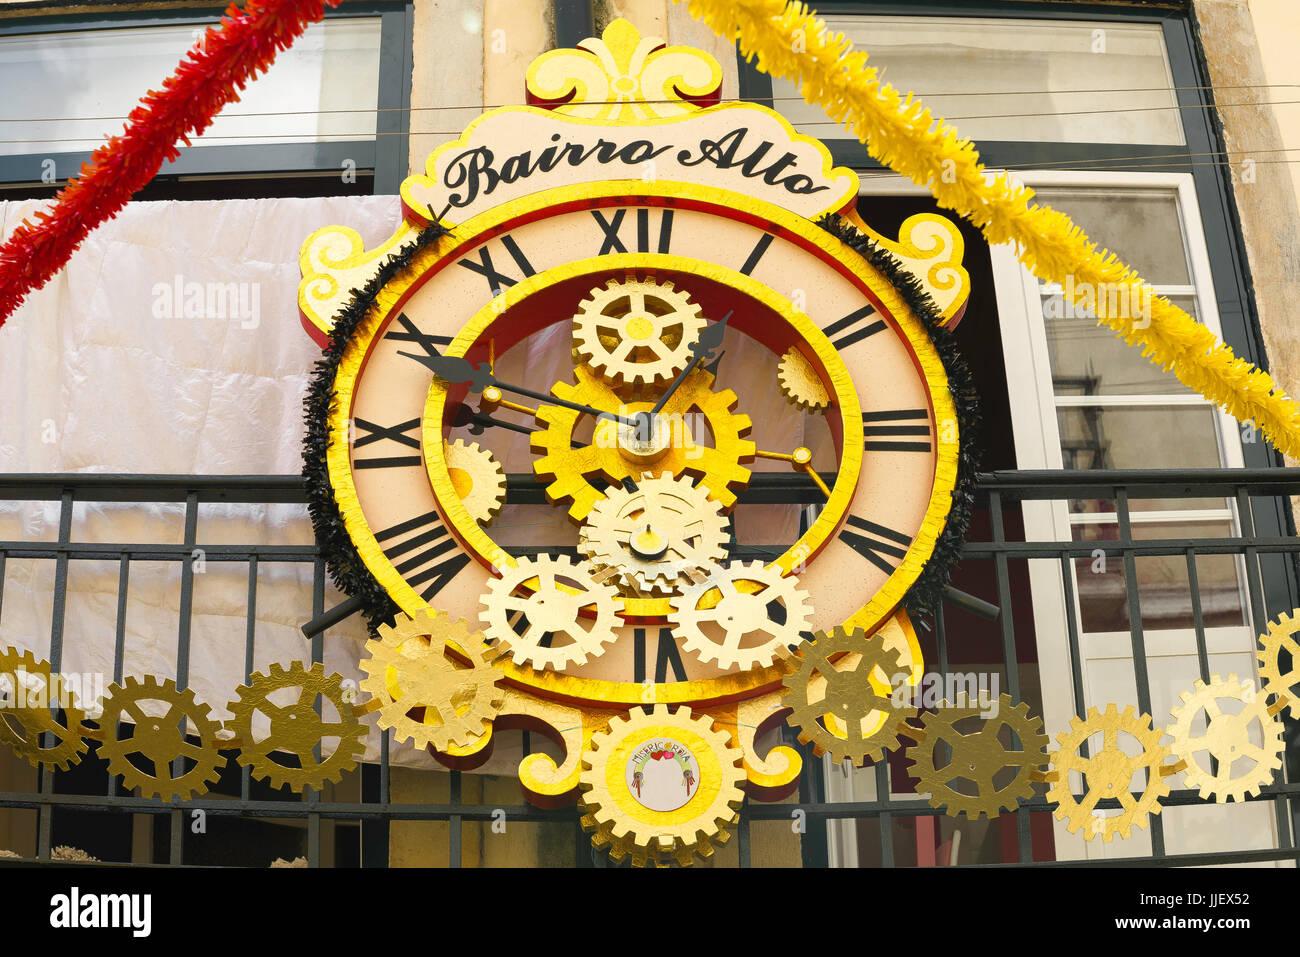 Lissabon Bairro Alto, eine riesige goldfarbene Uhr über einer Bar in einer Straße in der Altstadt Bairro Stockbild